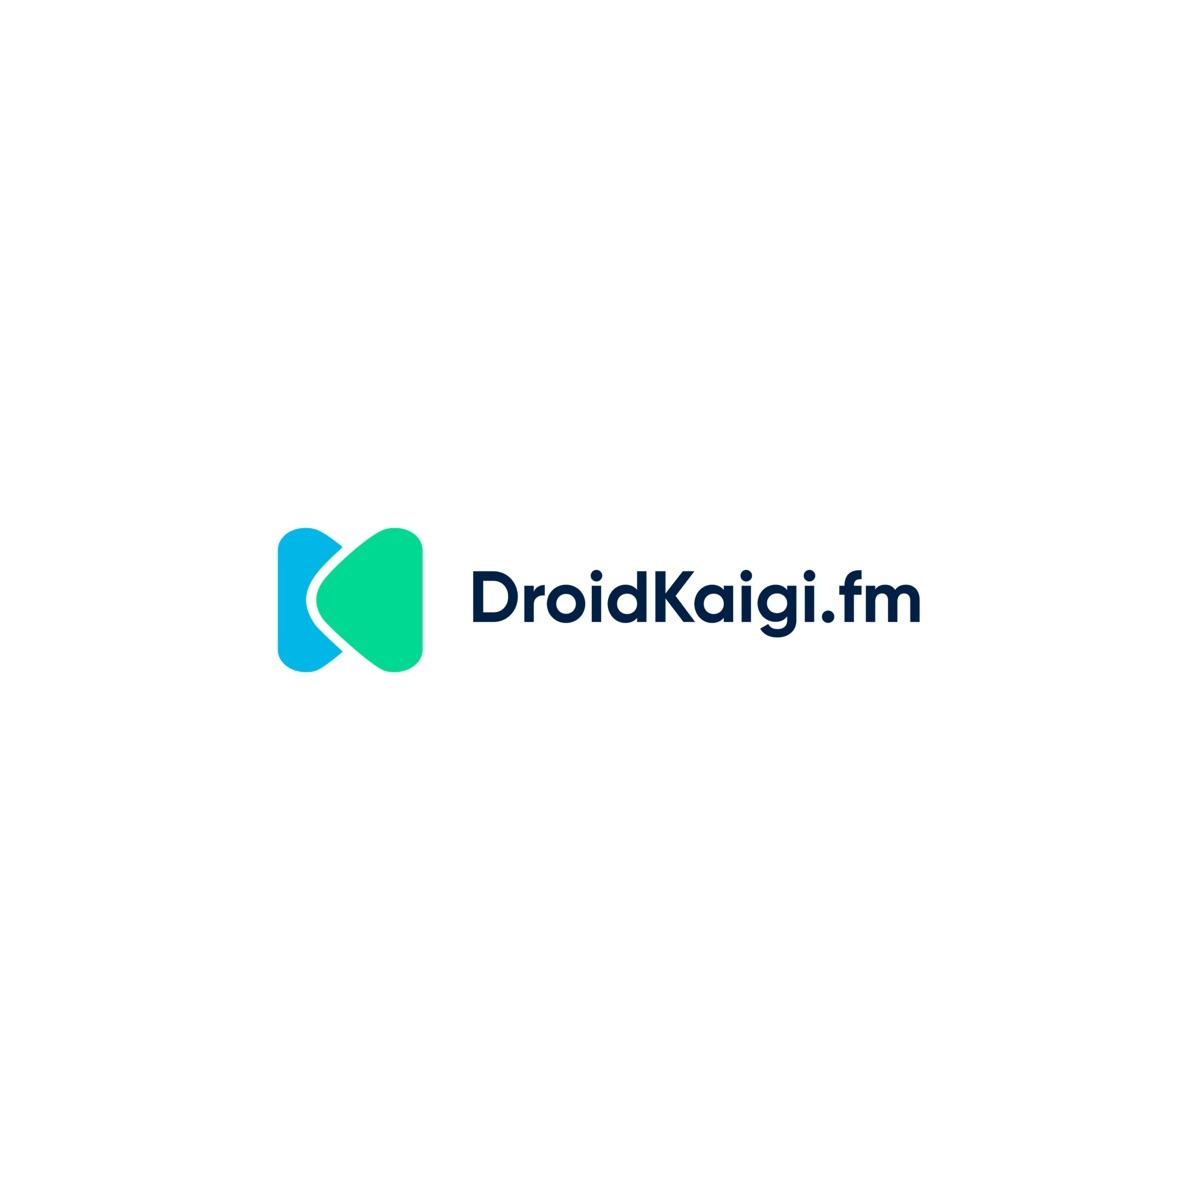 DroidKaigi.fm